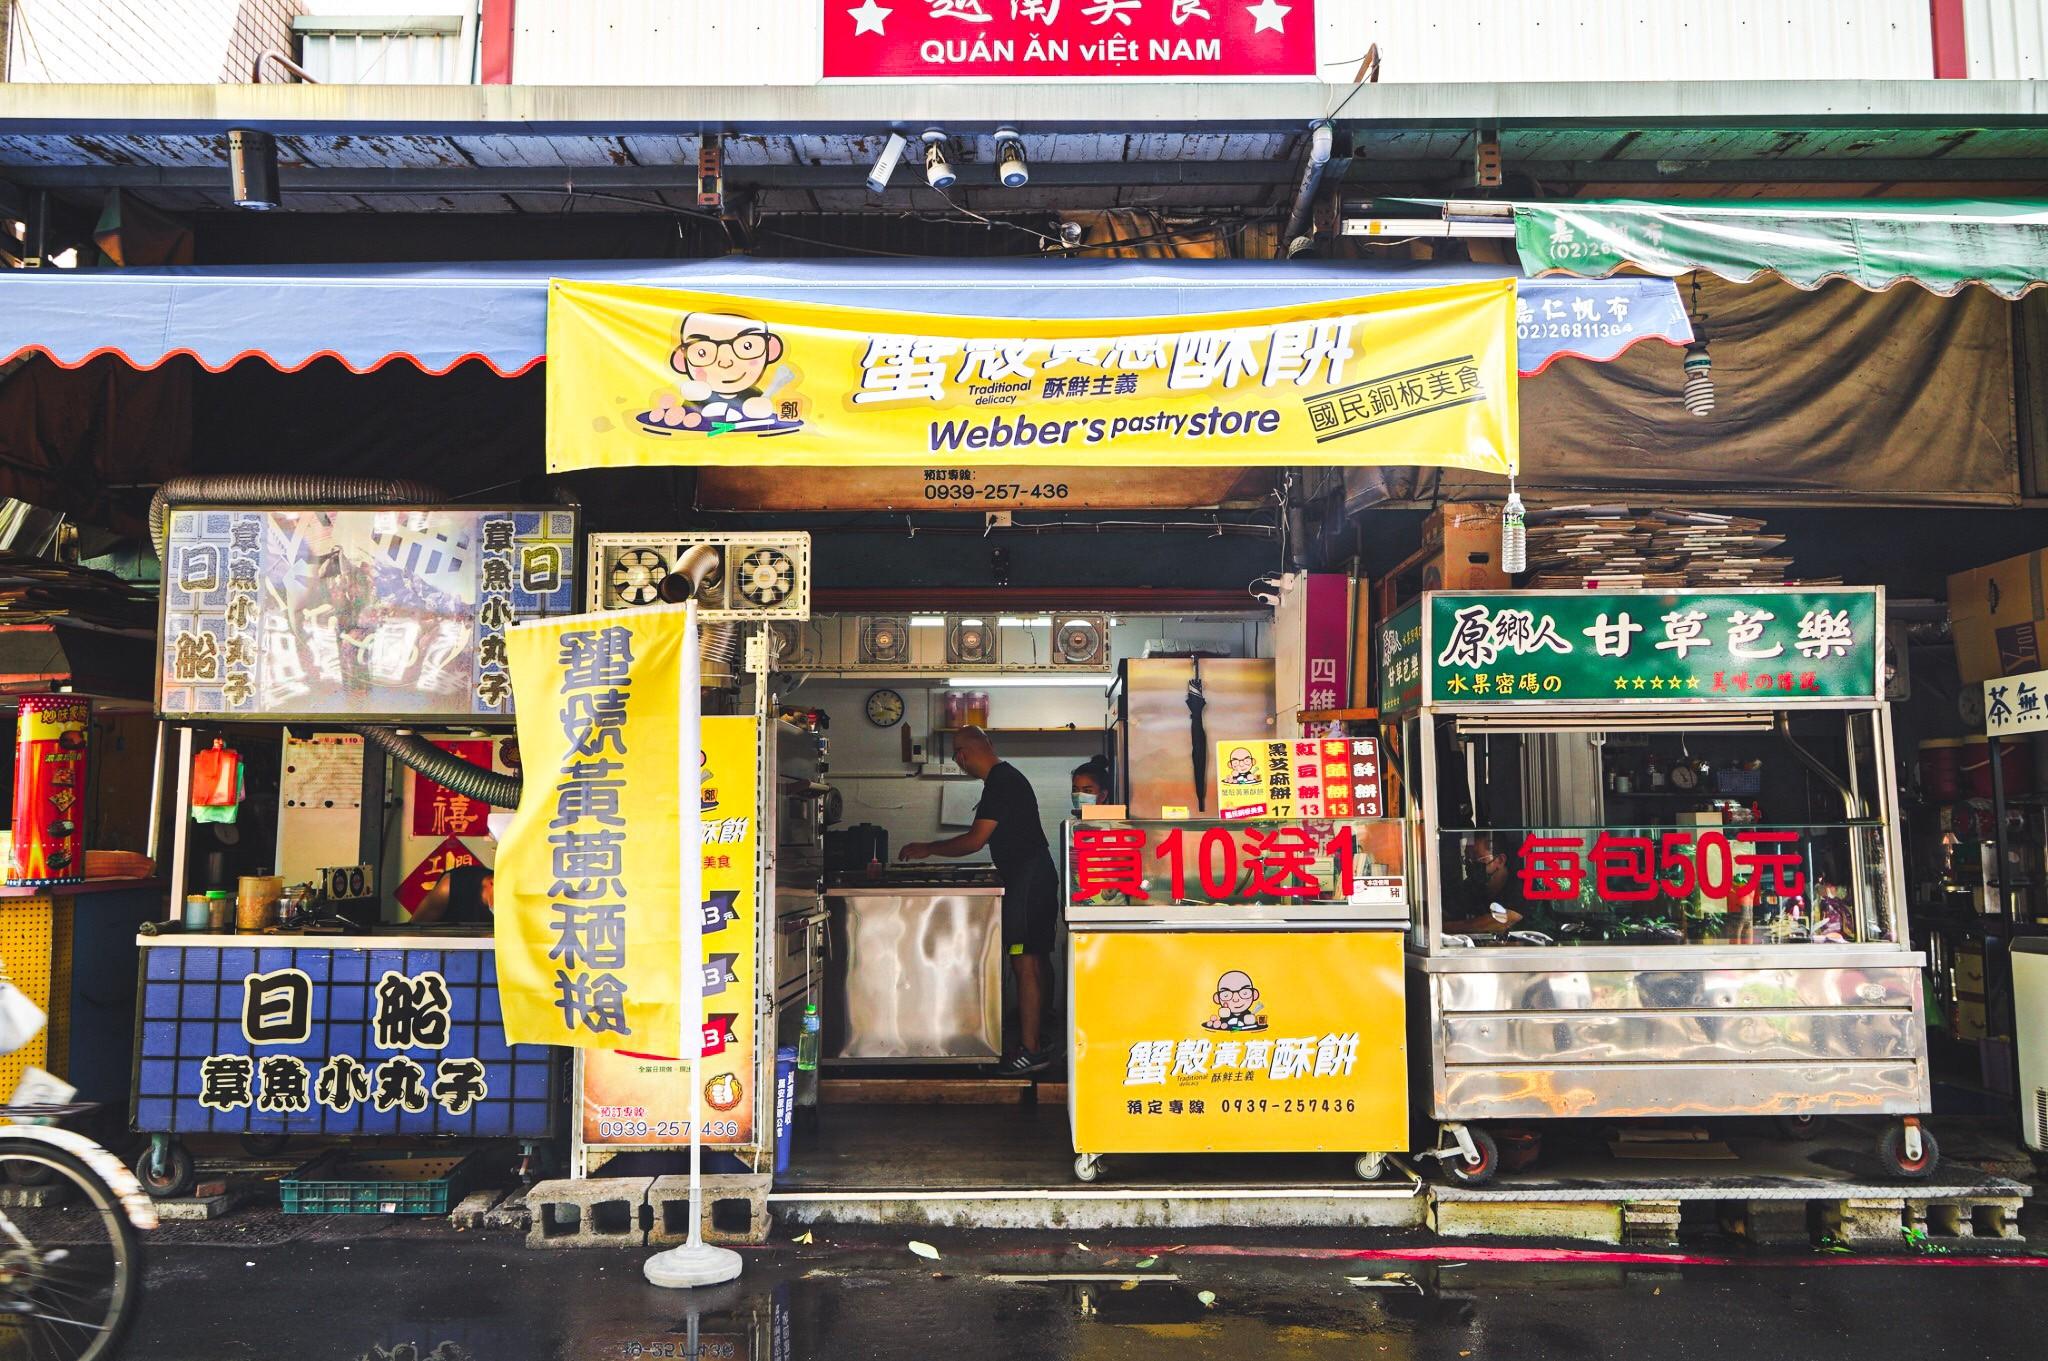 新莊四維市場美食:蟹殼黃蔥酥餅,一顆只要13元,滿滿蔥香豬油和芝麻香的蔥酥餅!